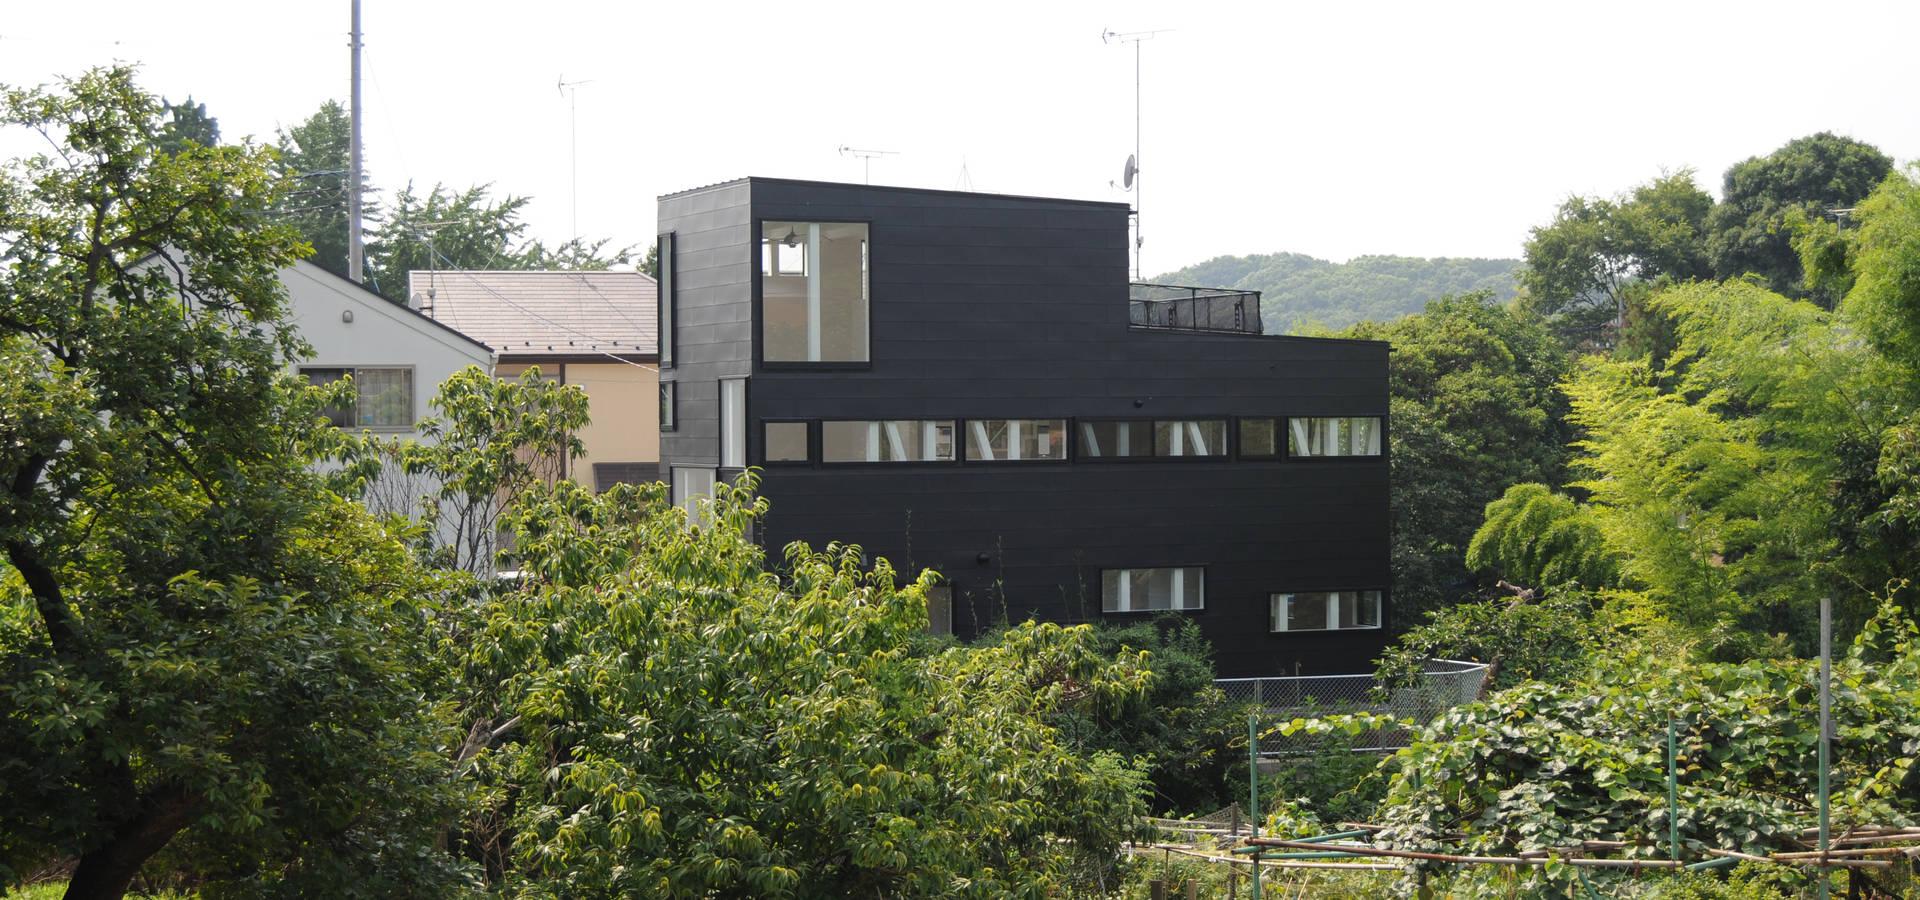 株式会社小島真知建築設計事務所 / Masatomo Kojima Architects